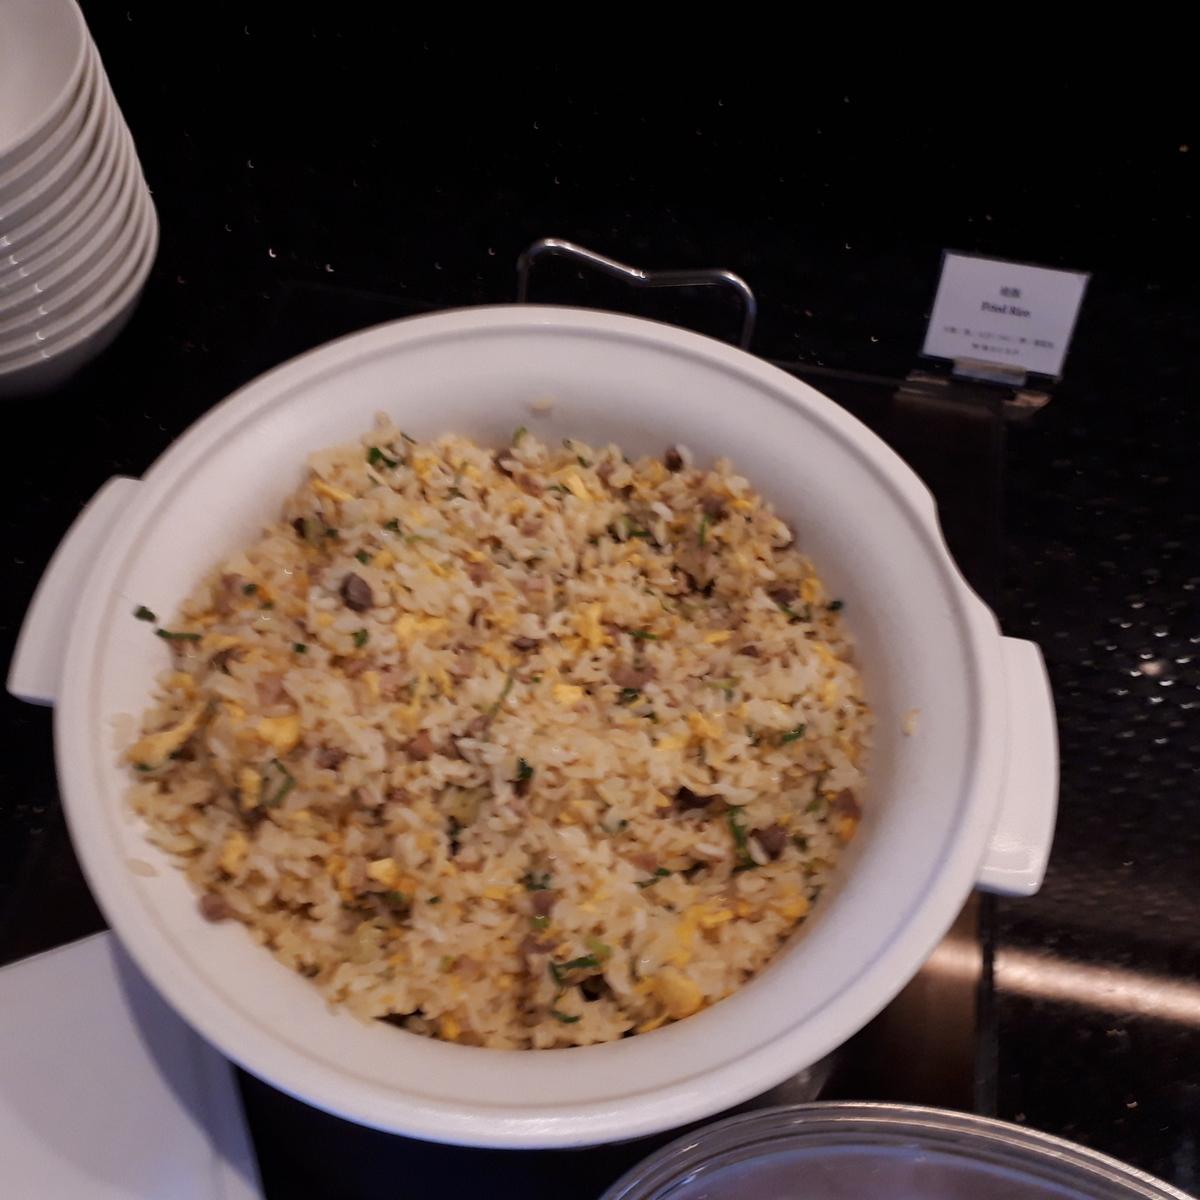 リッツカールトン大阪 クラブラウンジ 夕食前の前菜 炒飯